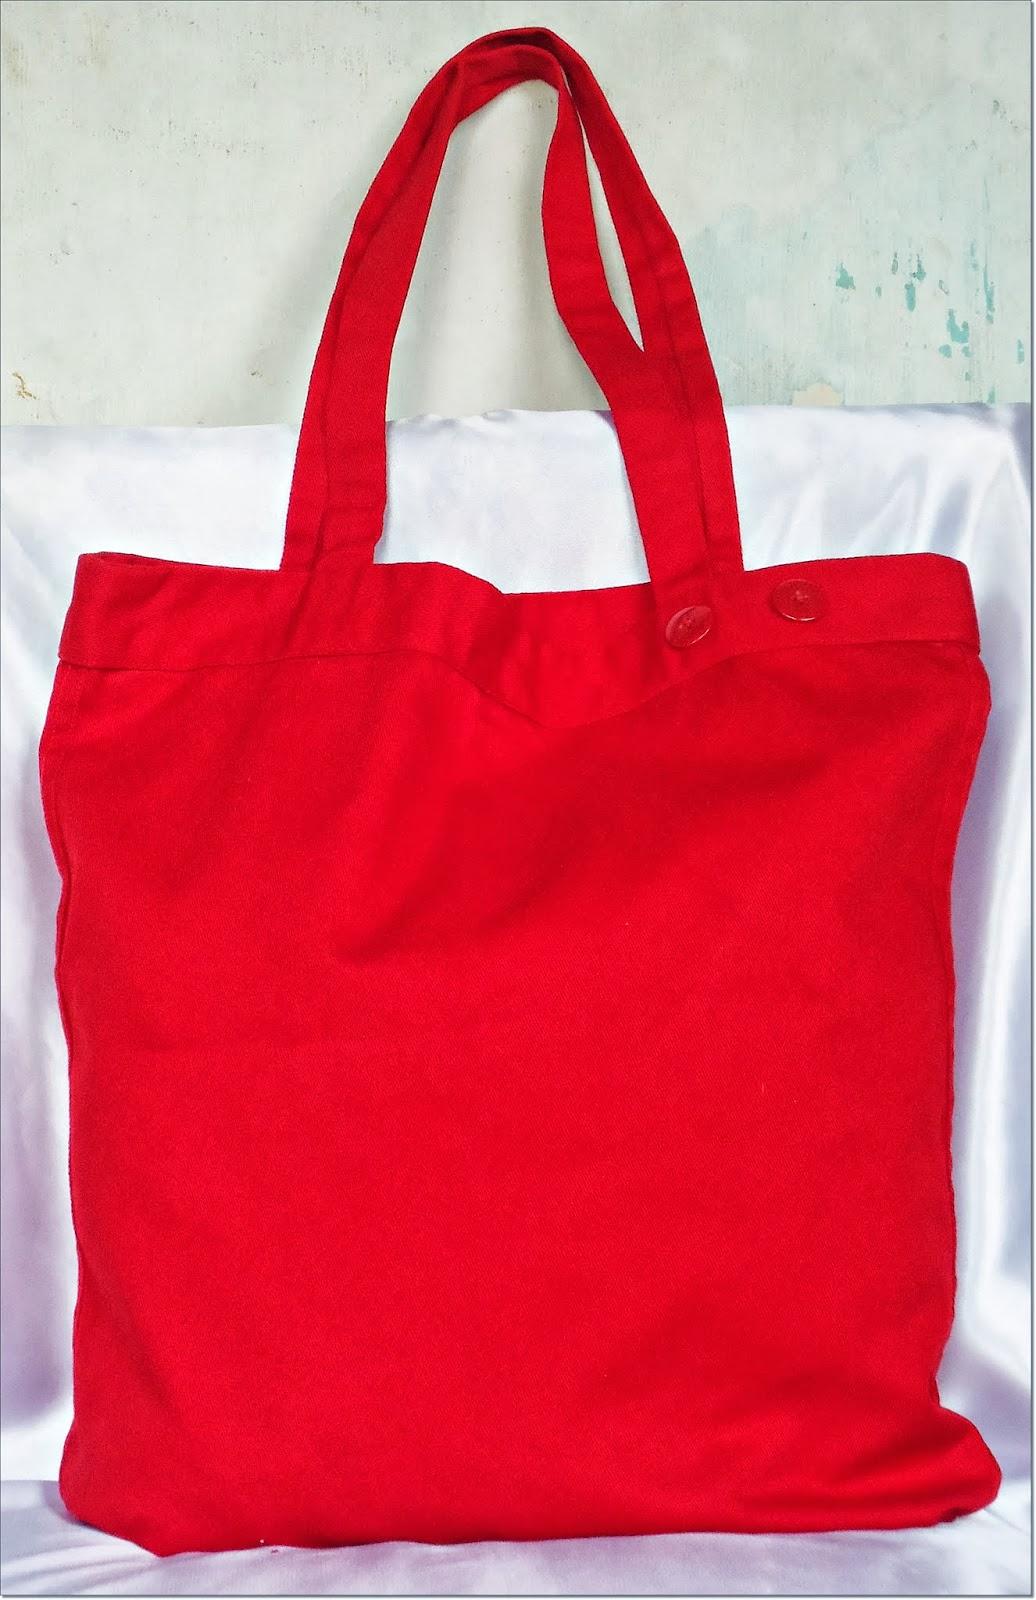 Bolsa De Tecido Com Ziper E Forro : A modista bolsas artesanais outras em tecido